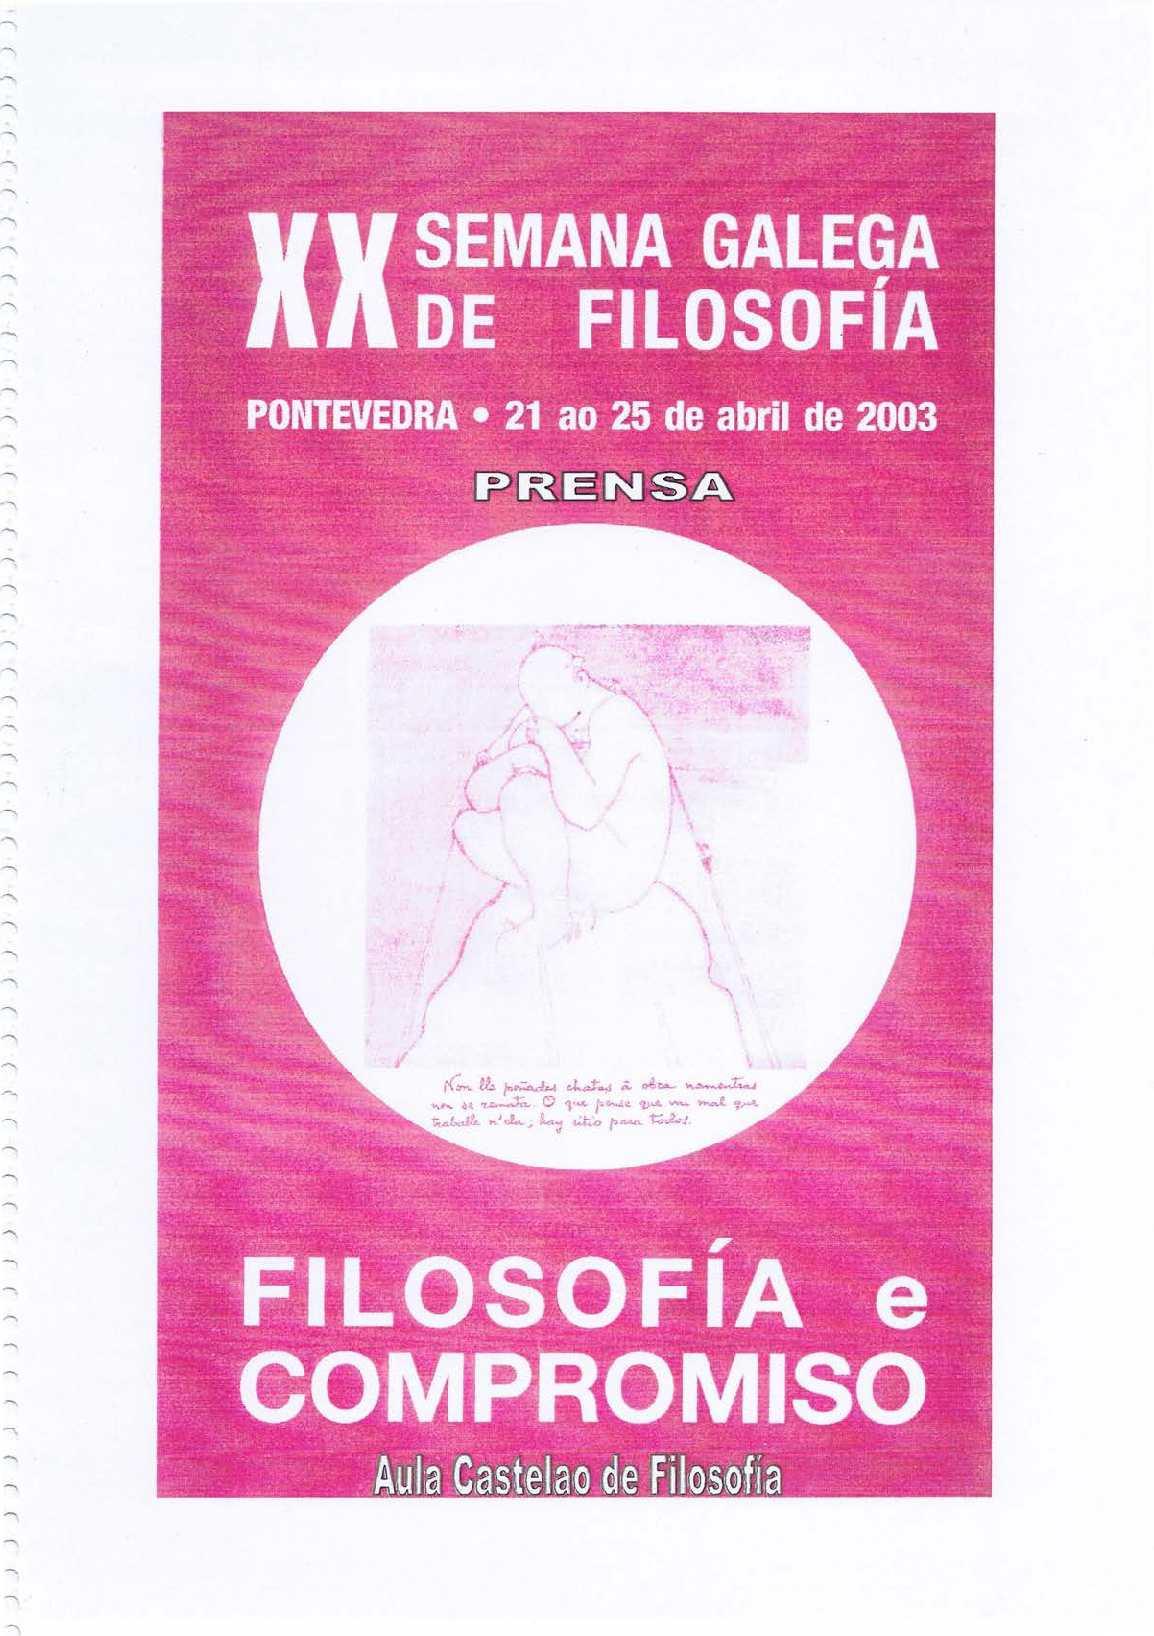 Calaméo - XX Semana Galega de Filosofía